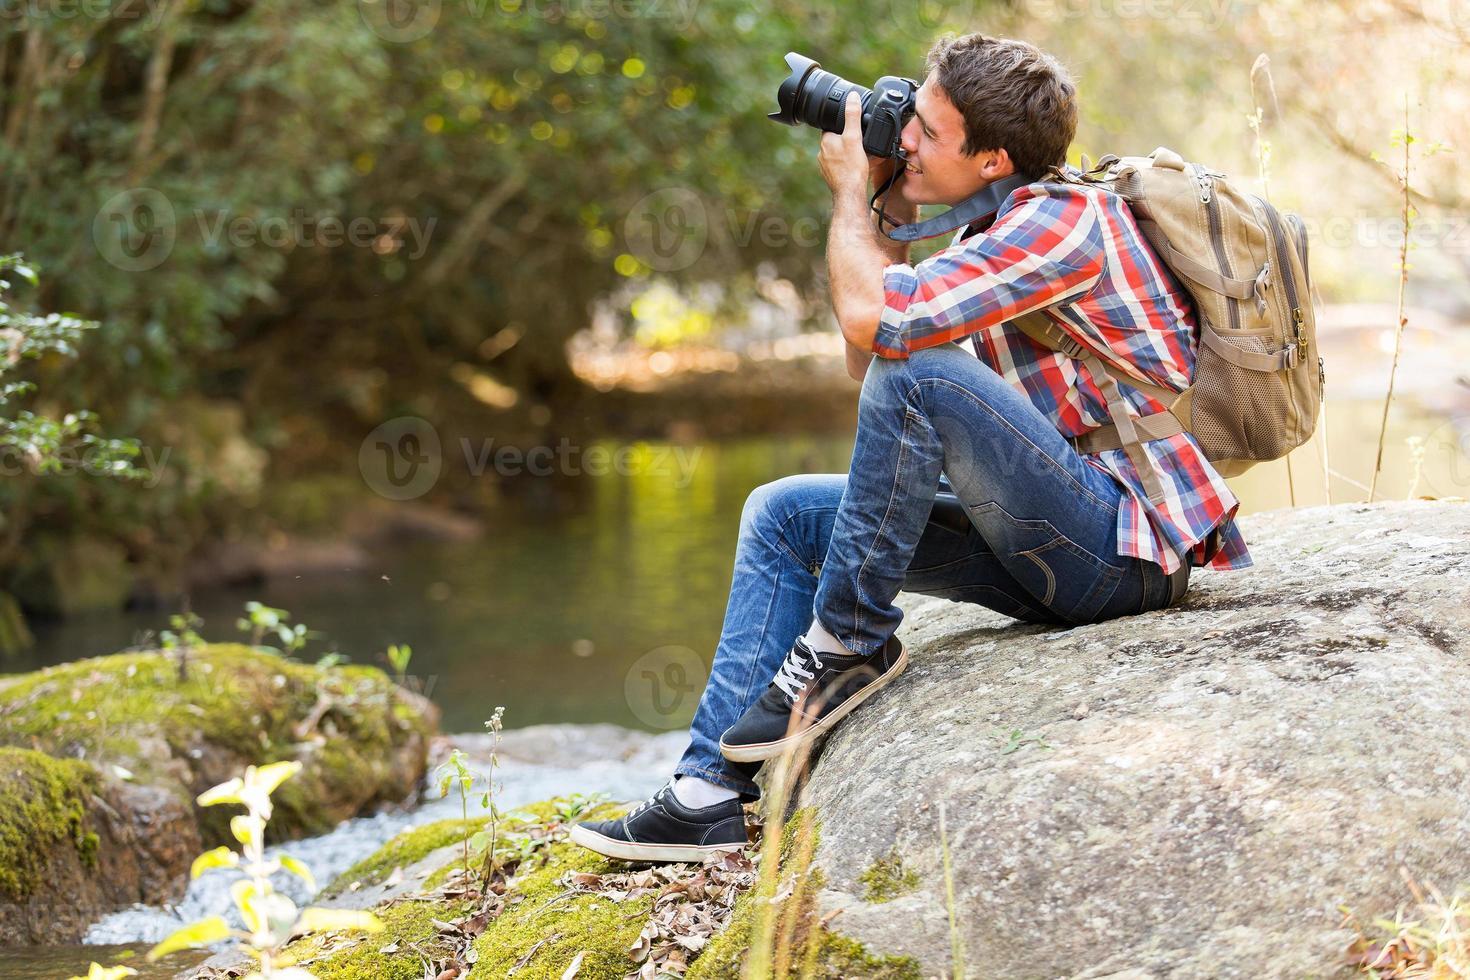 fotógrafo fotografando no vale da montanha foto